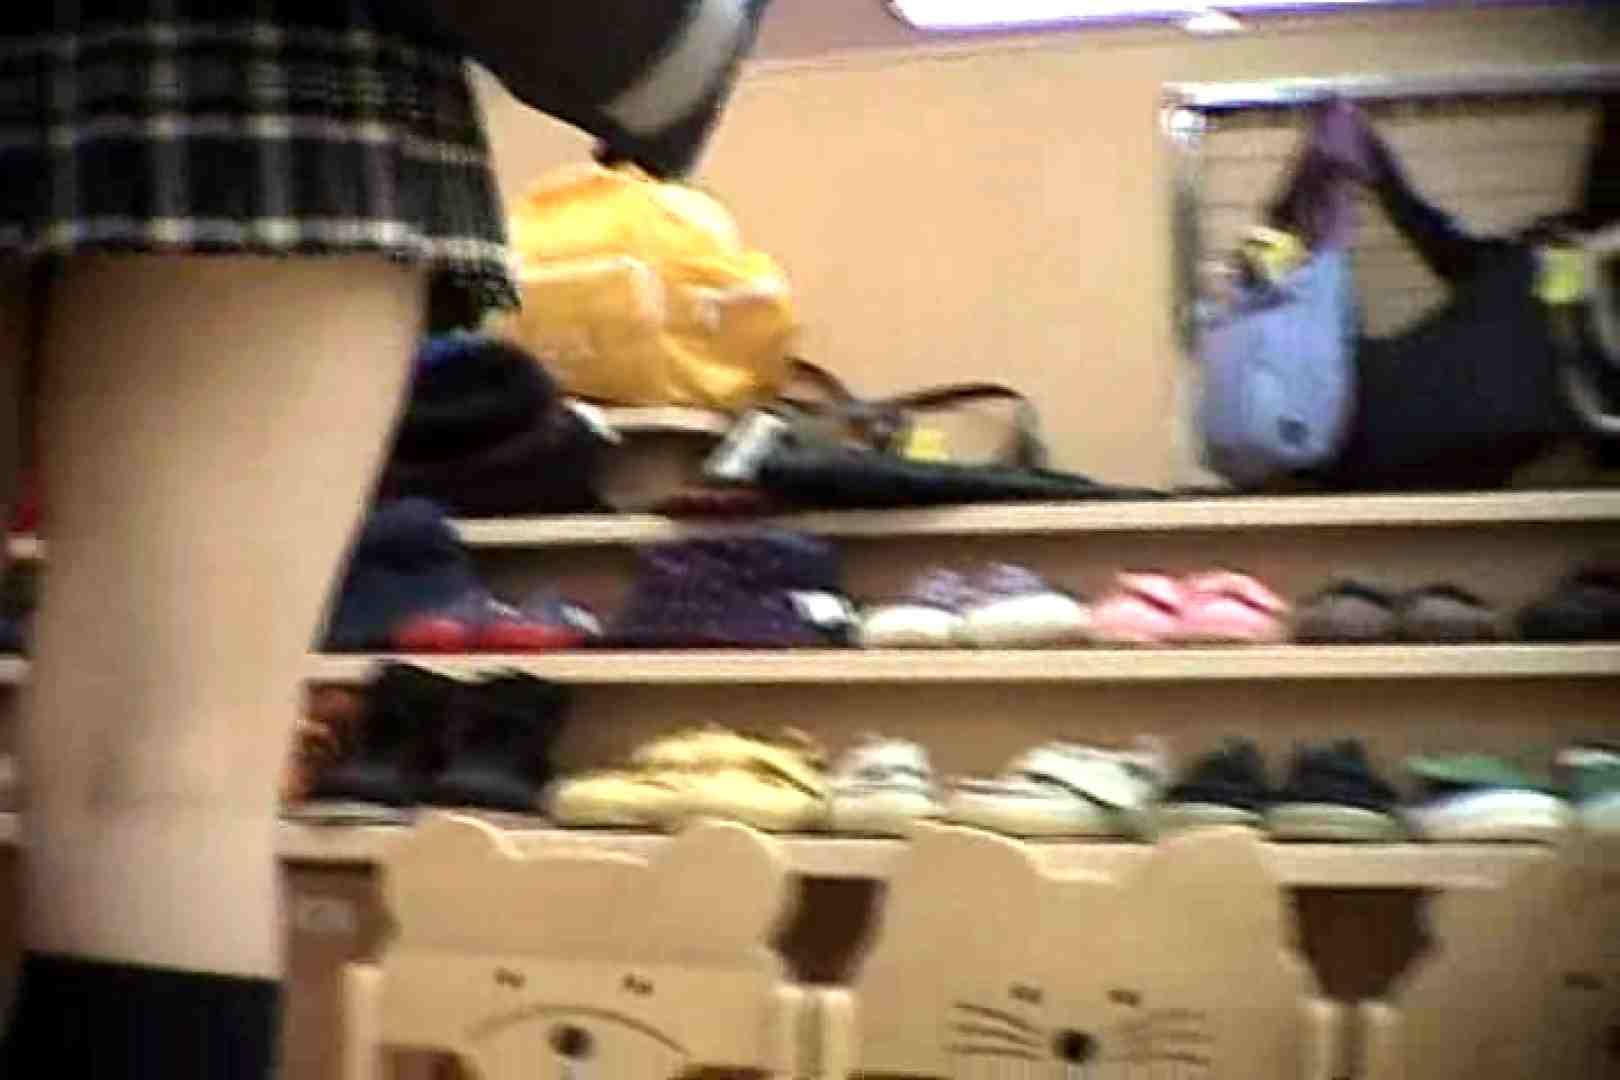 がぶりより!!ムレヌレパンツVol.5 ミニスカート 覗き性交動画流出 89画像 4